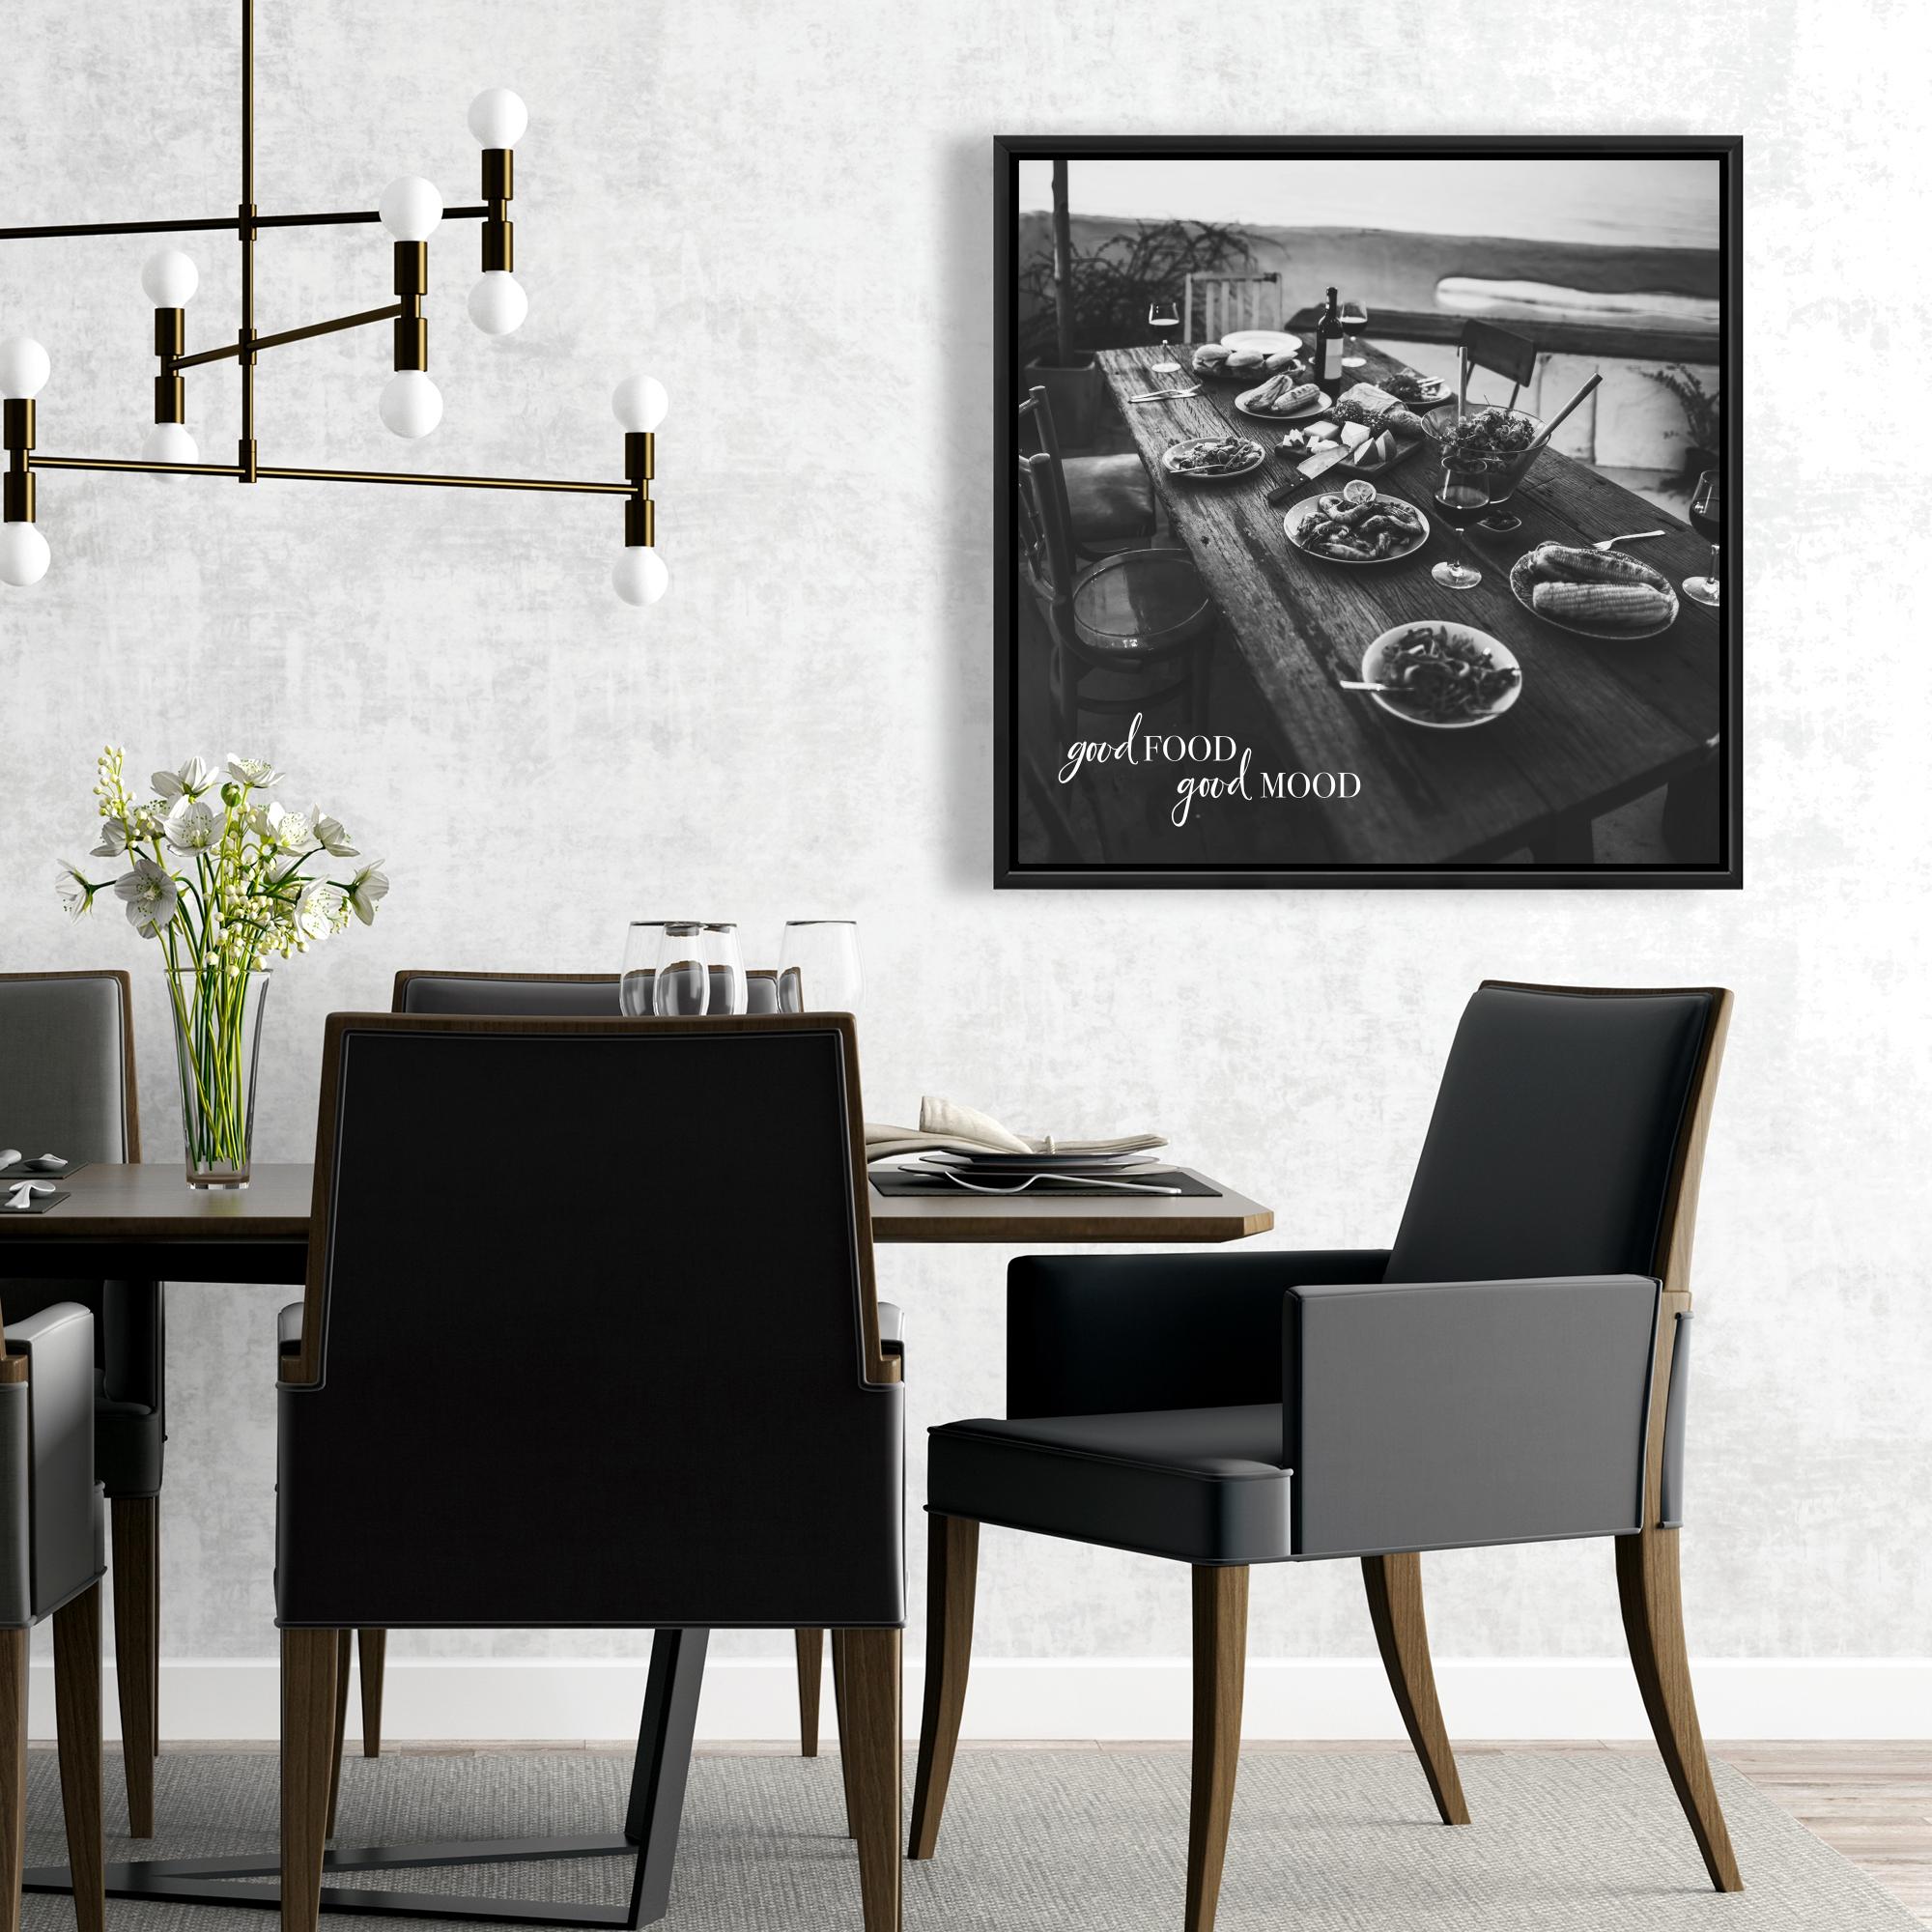 Framed 24 x 24 - Good food good mood